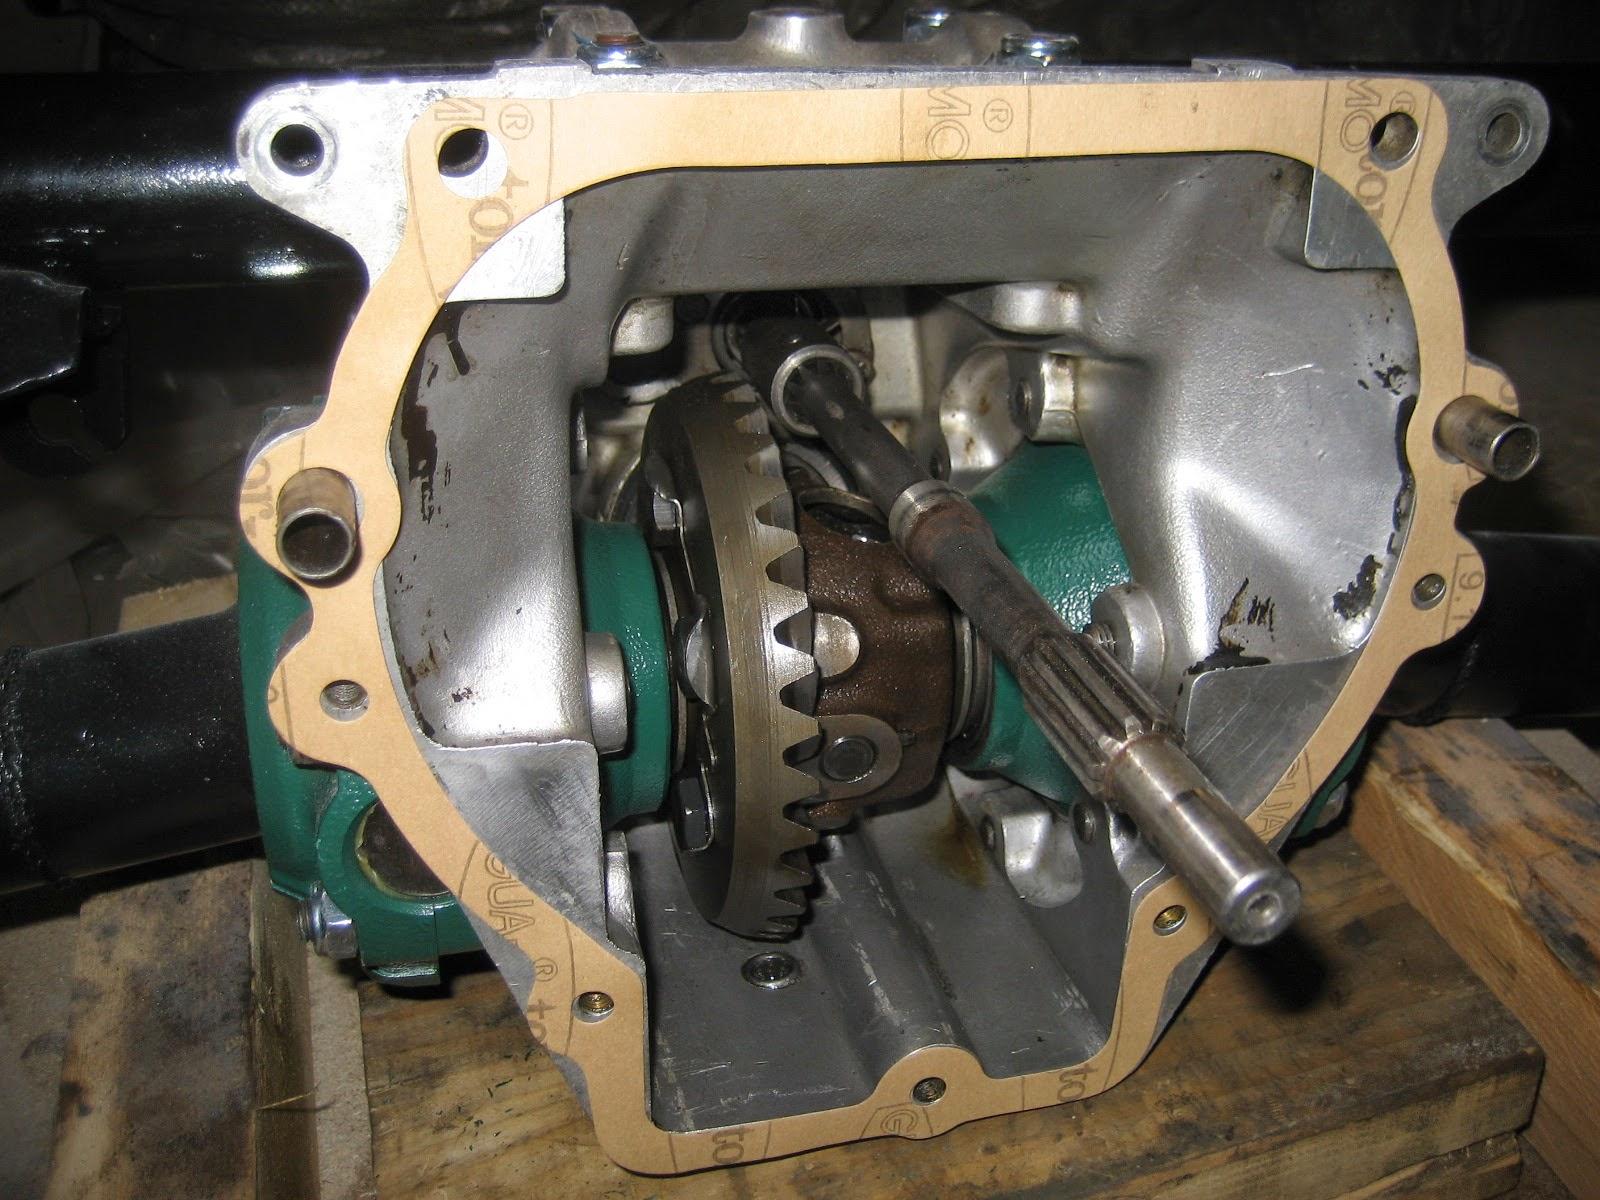 accouplement du bloc moteur et de la boite de vitesse